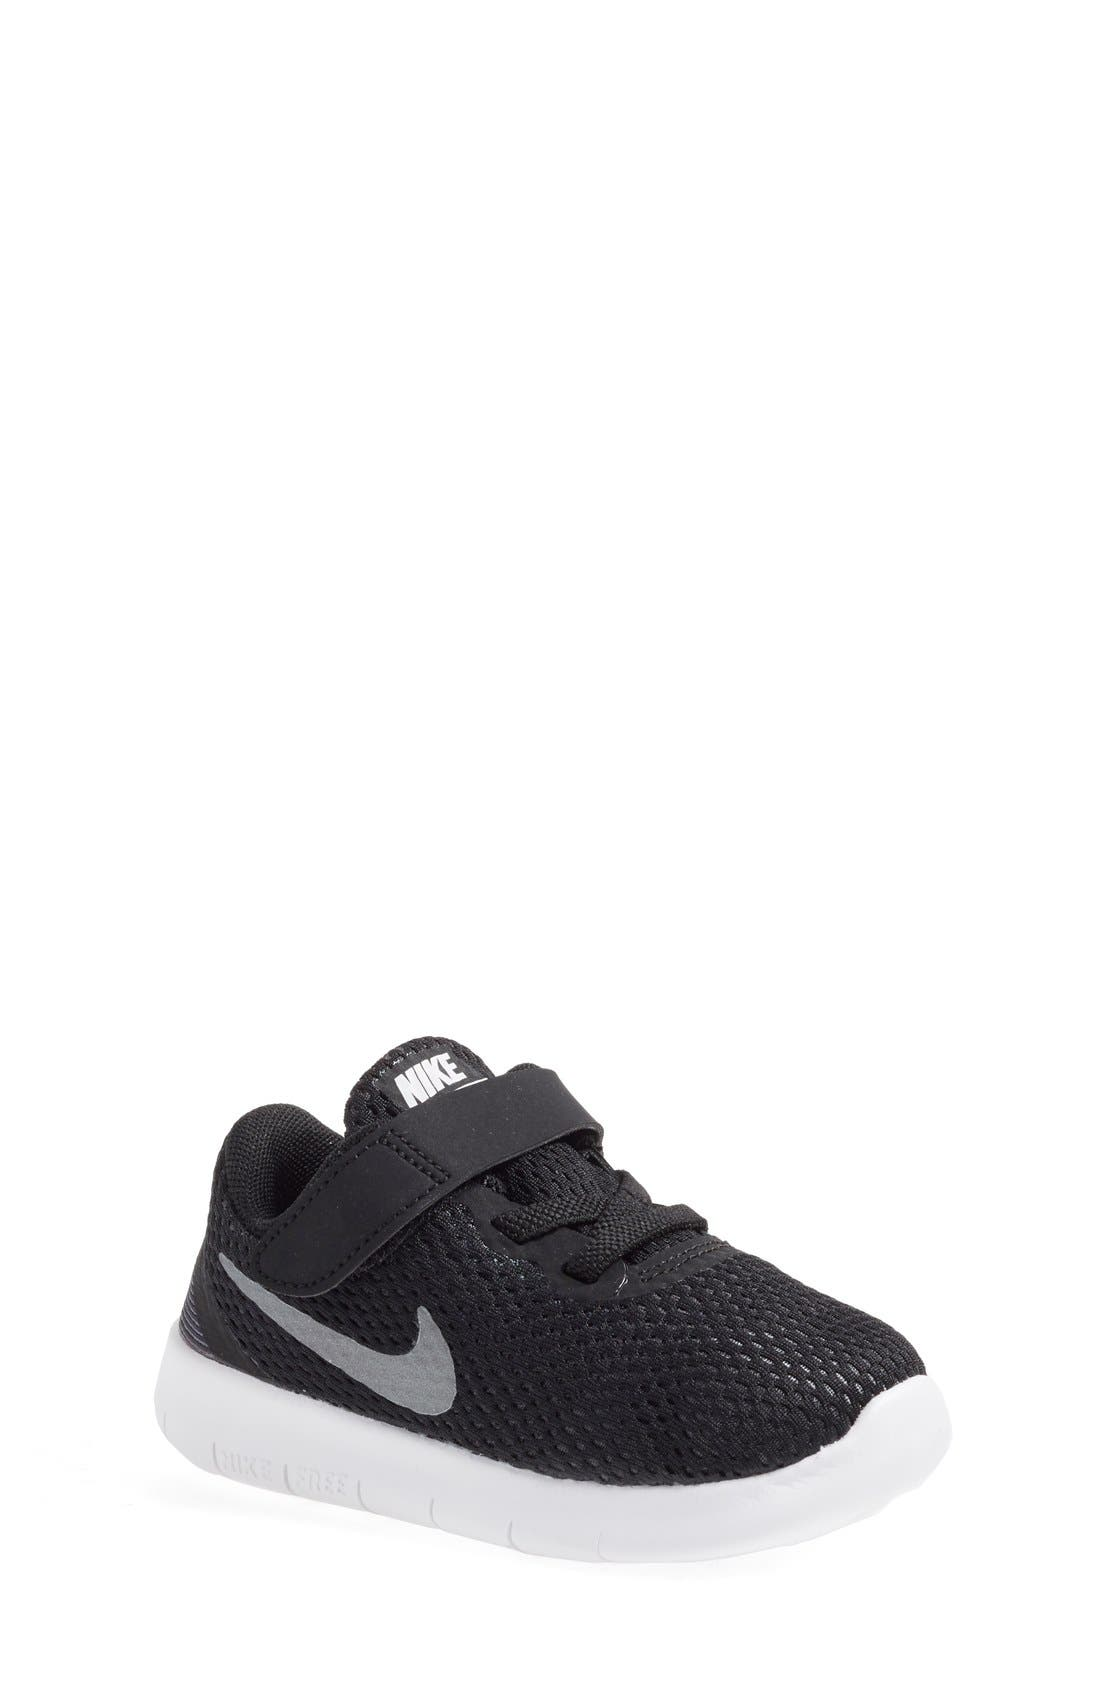 NIKE Free RN Sneaker, Main, color, 001